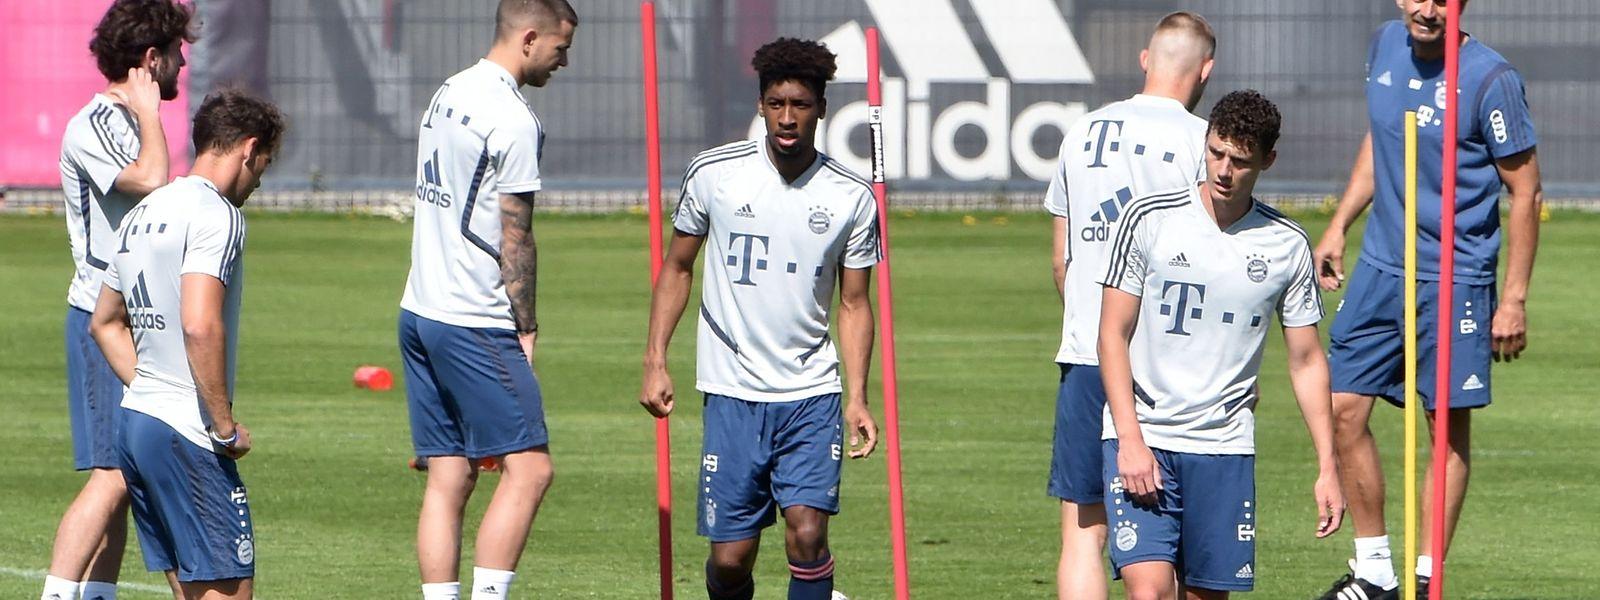 Les joueurs du Bayern de Munich ont déjà repris l'entraînement depuis quelques jours.